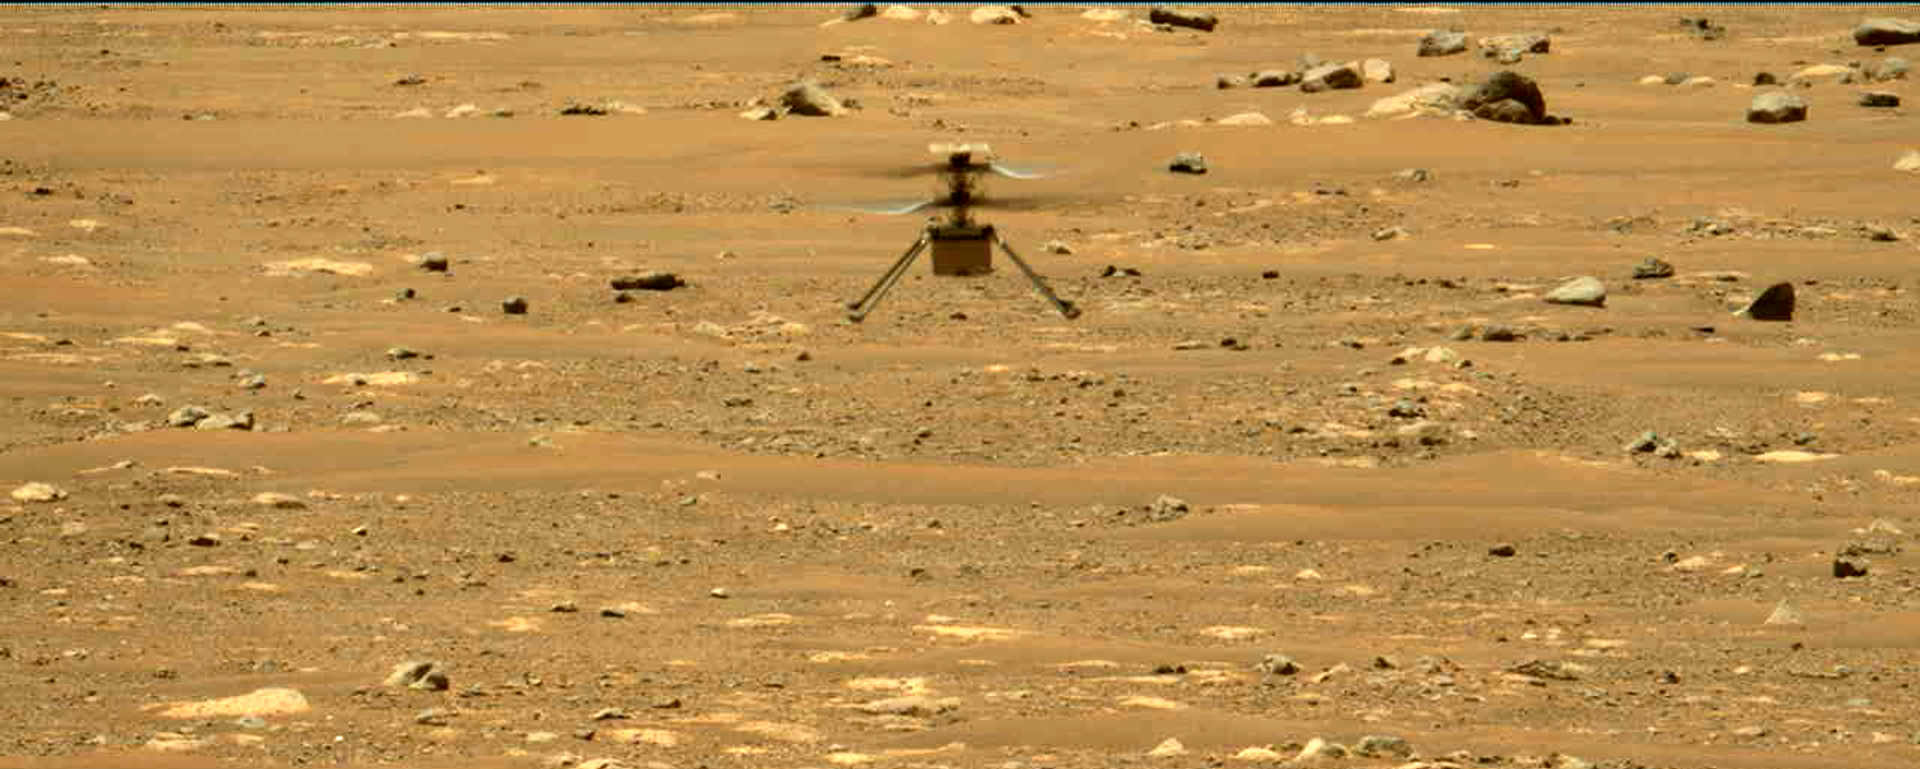 El helicóptero marciano Ingenuity - Sputnik Mundo, 1920, 02.05.2021